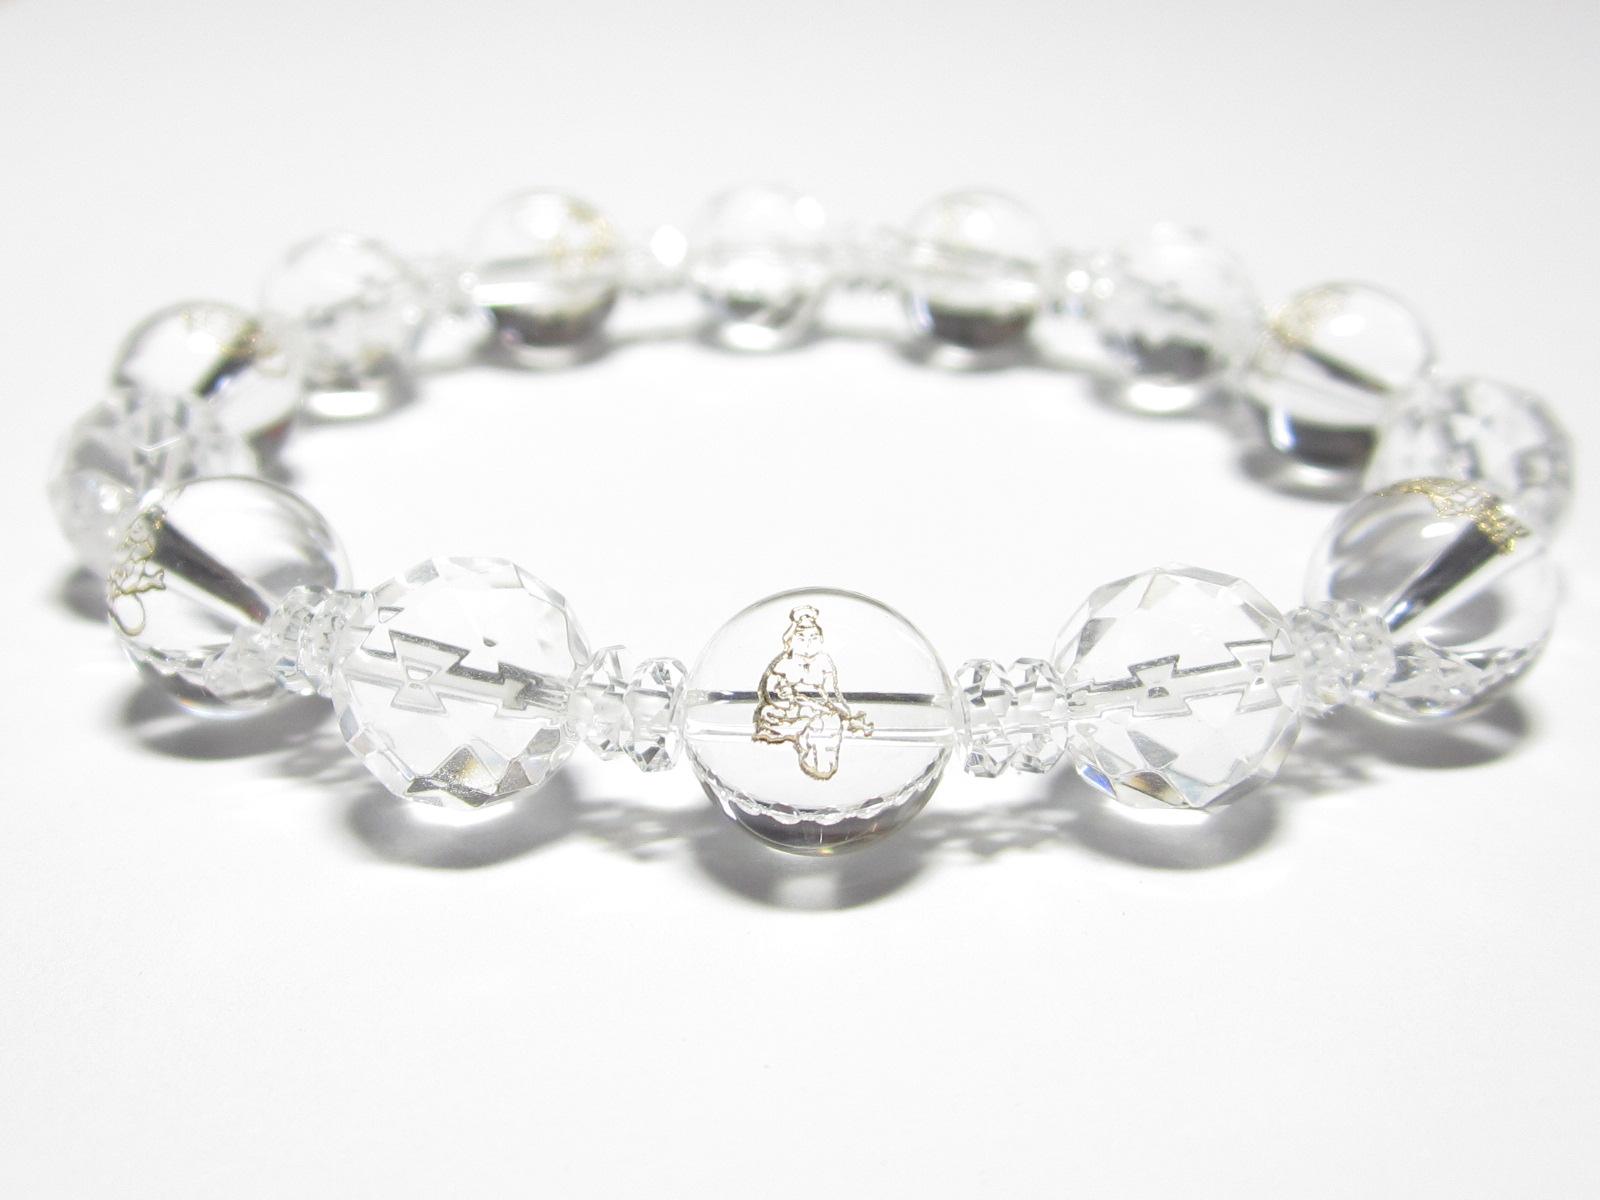 水晶だけの水晶カット七福神ブレスレット・水晶お守り女性用